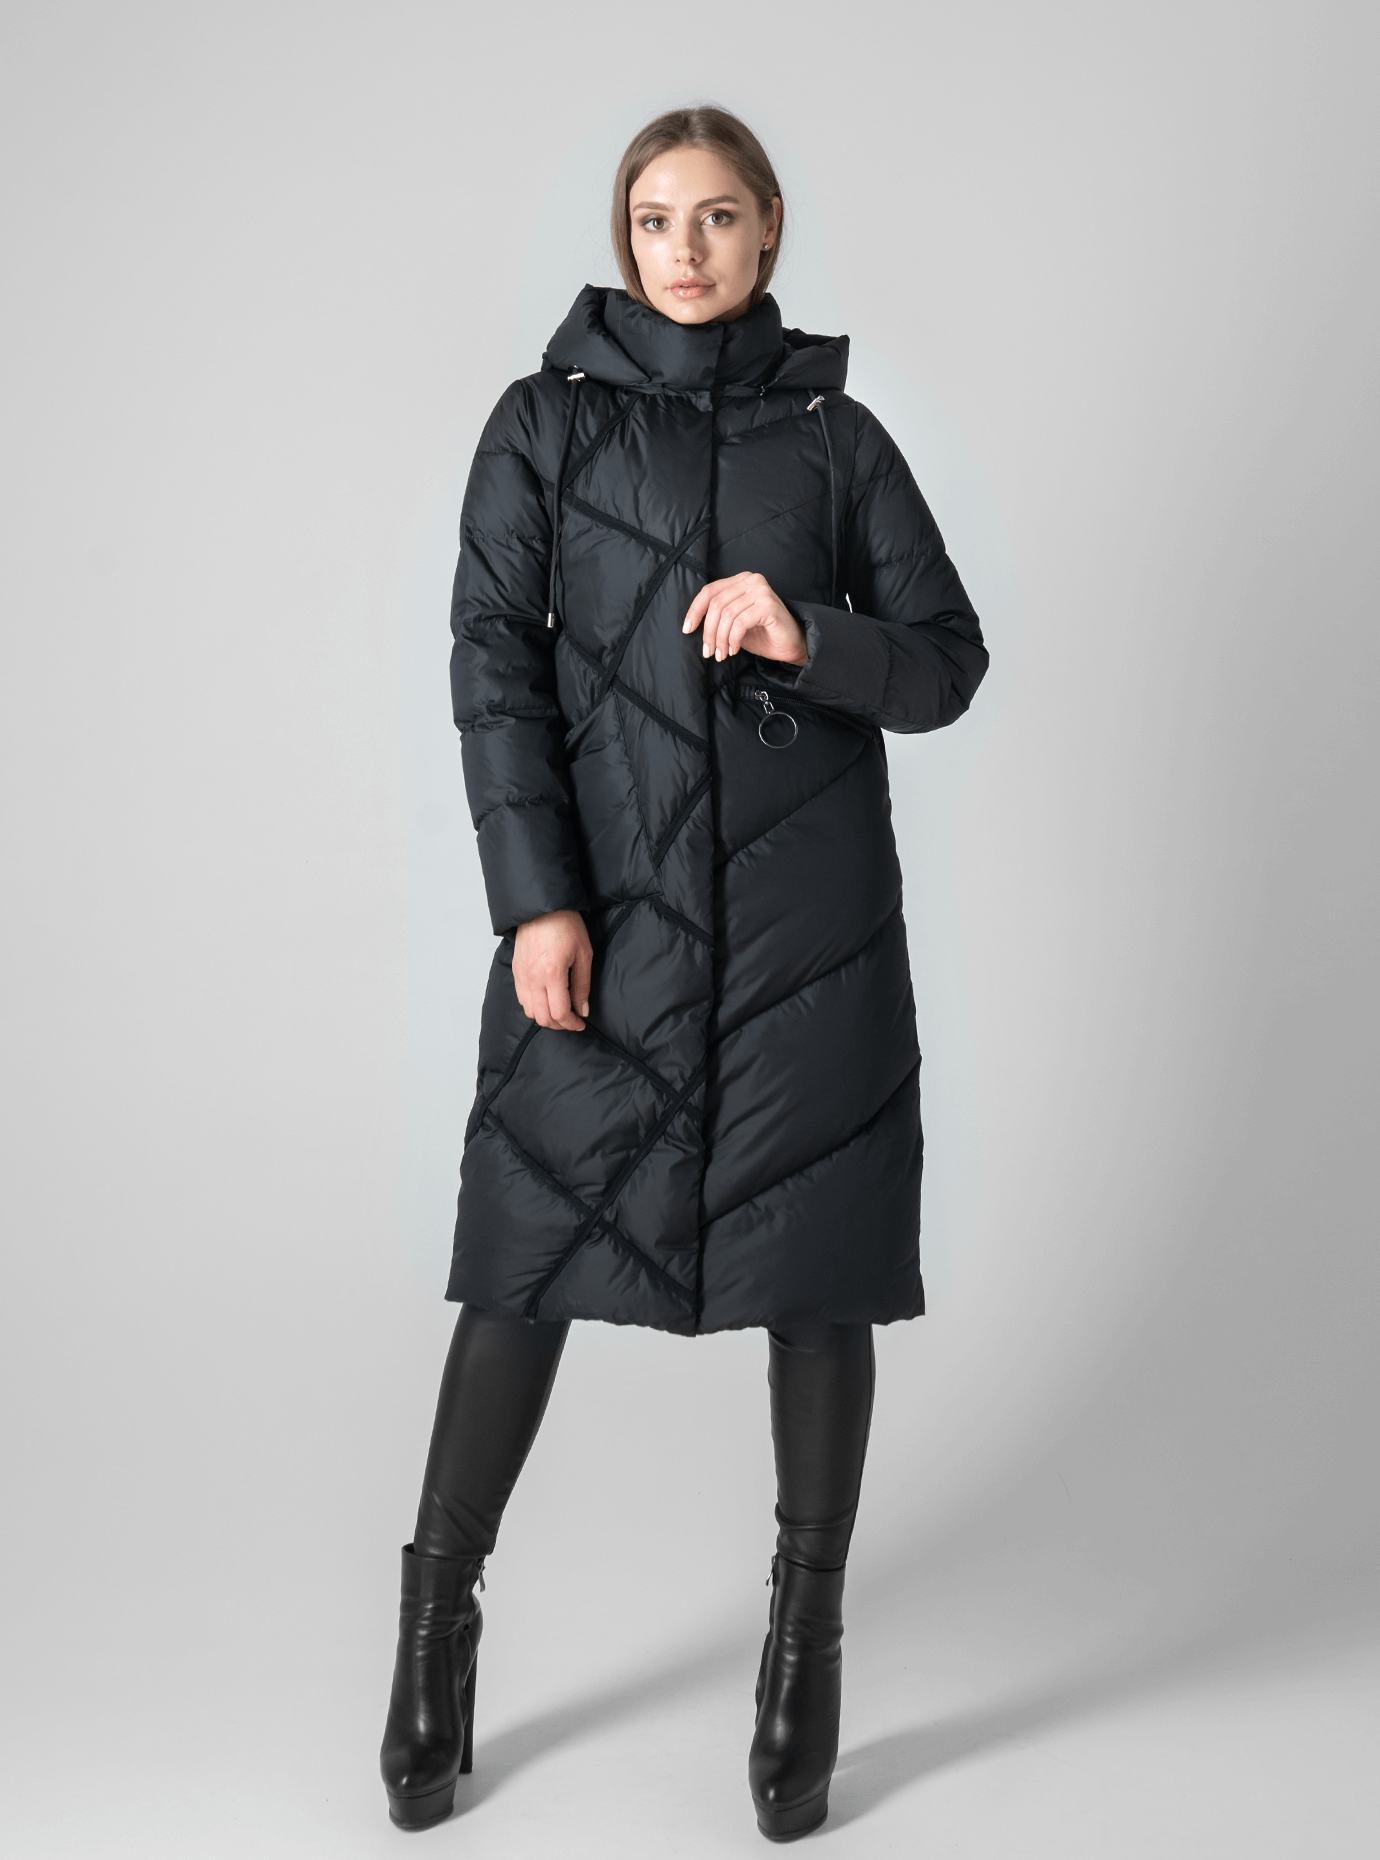 Зимняя женская куртка стёганая Чёрный 2XL (02-190205): фото - Alster.ua